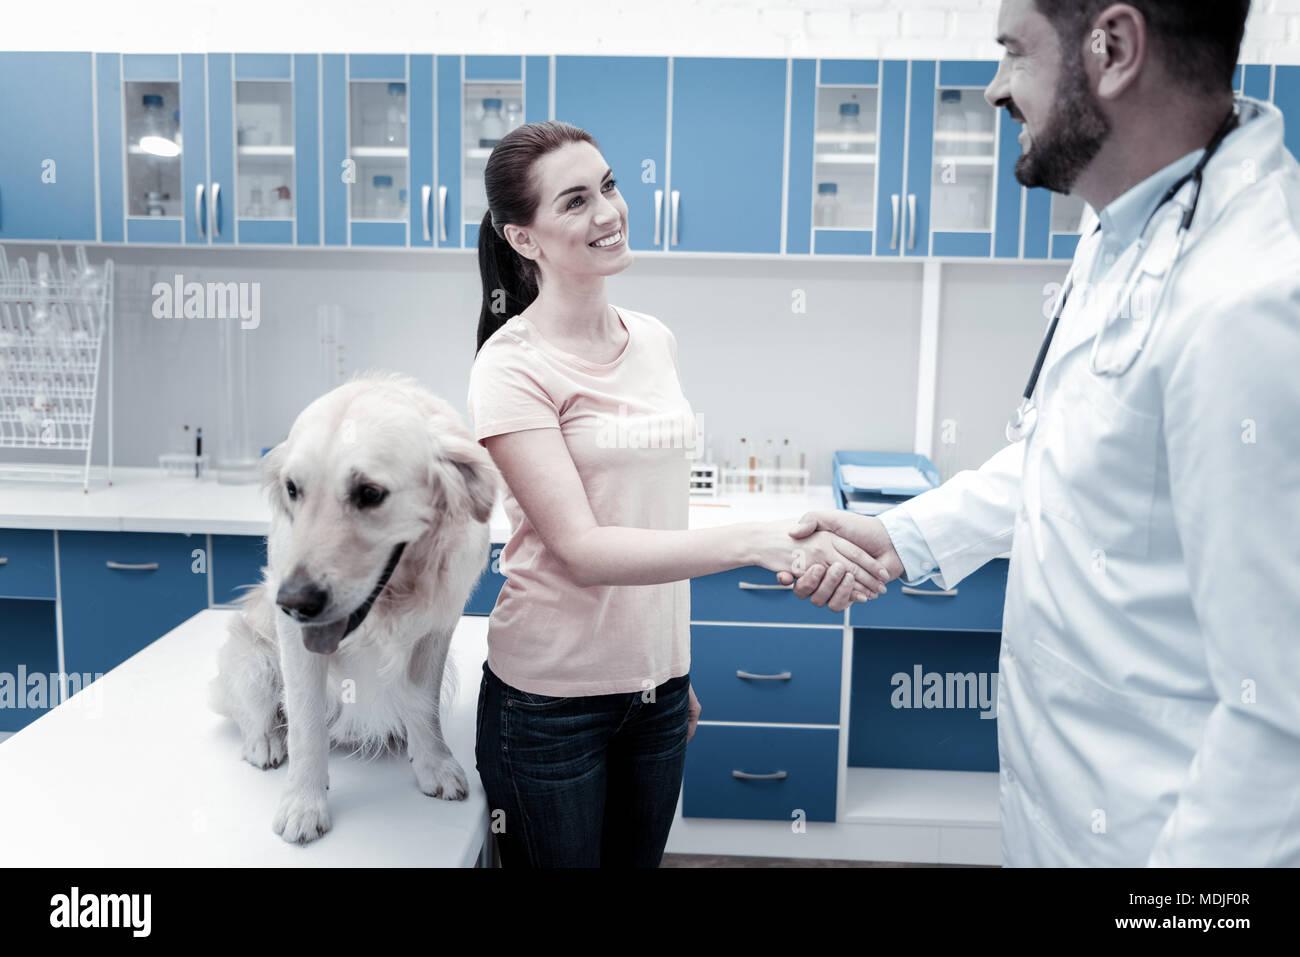 Felice donna felice di essere grati per il veterinario Immagini Stock